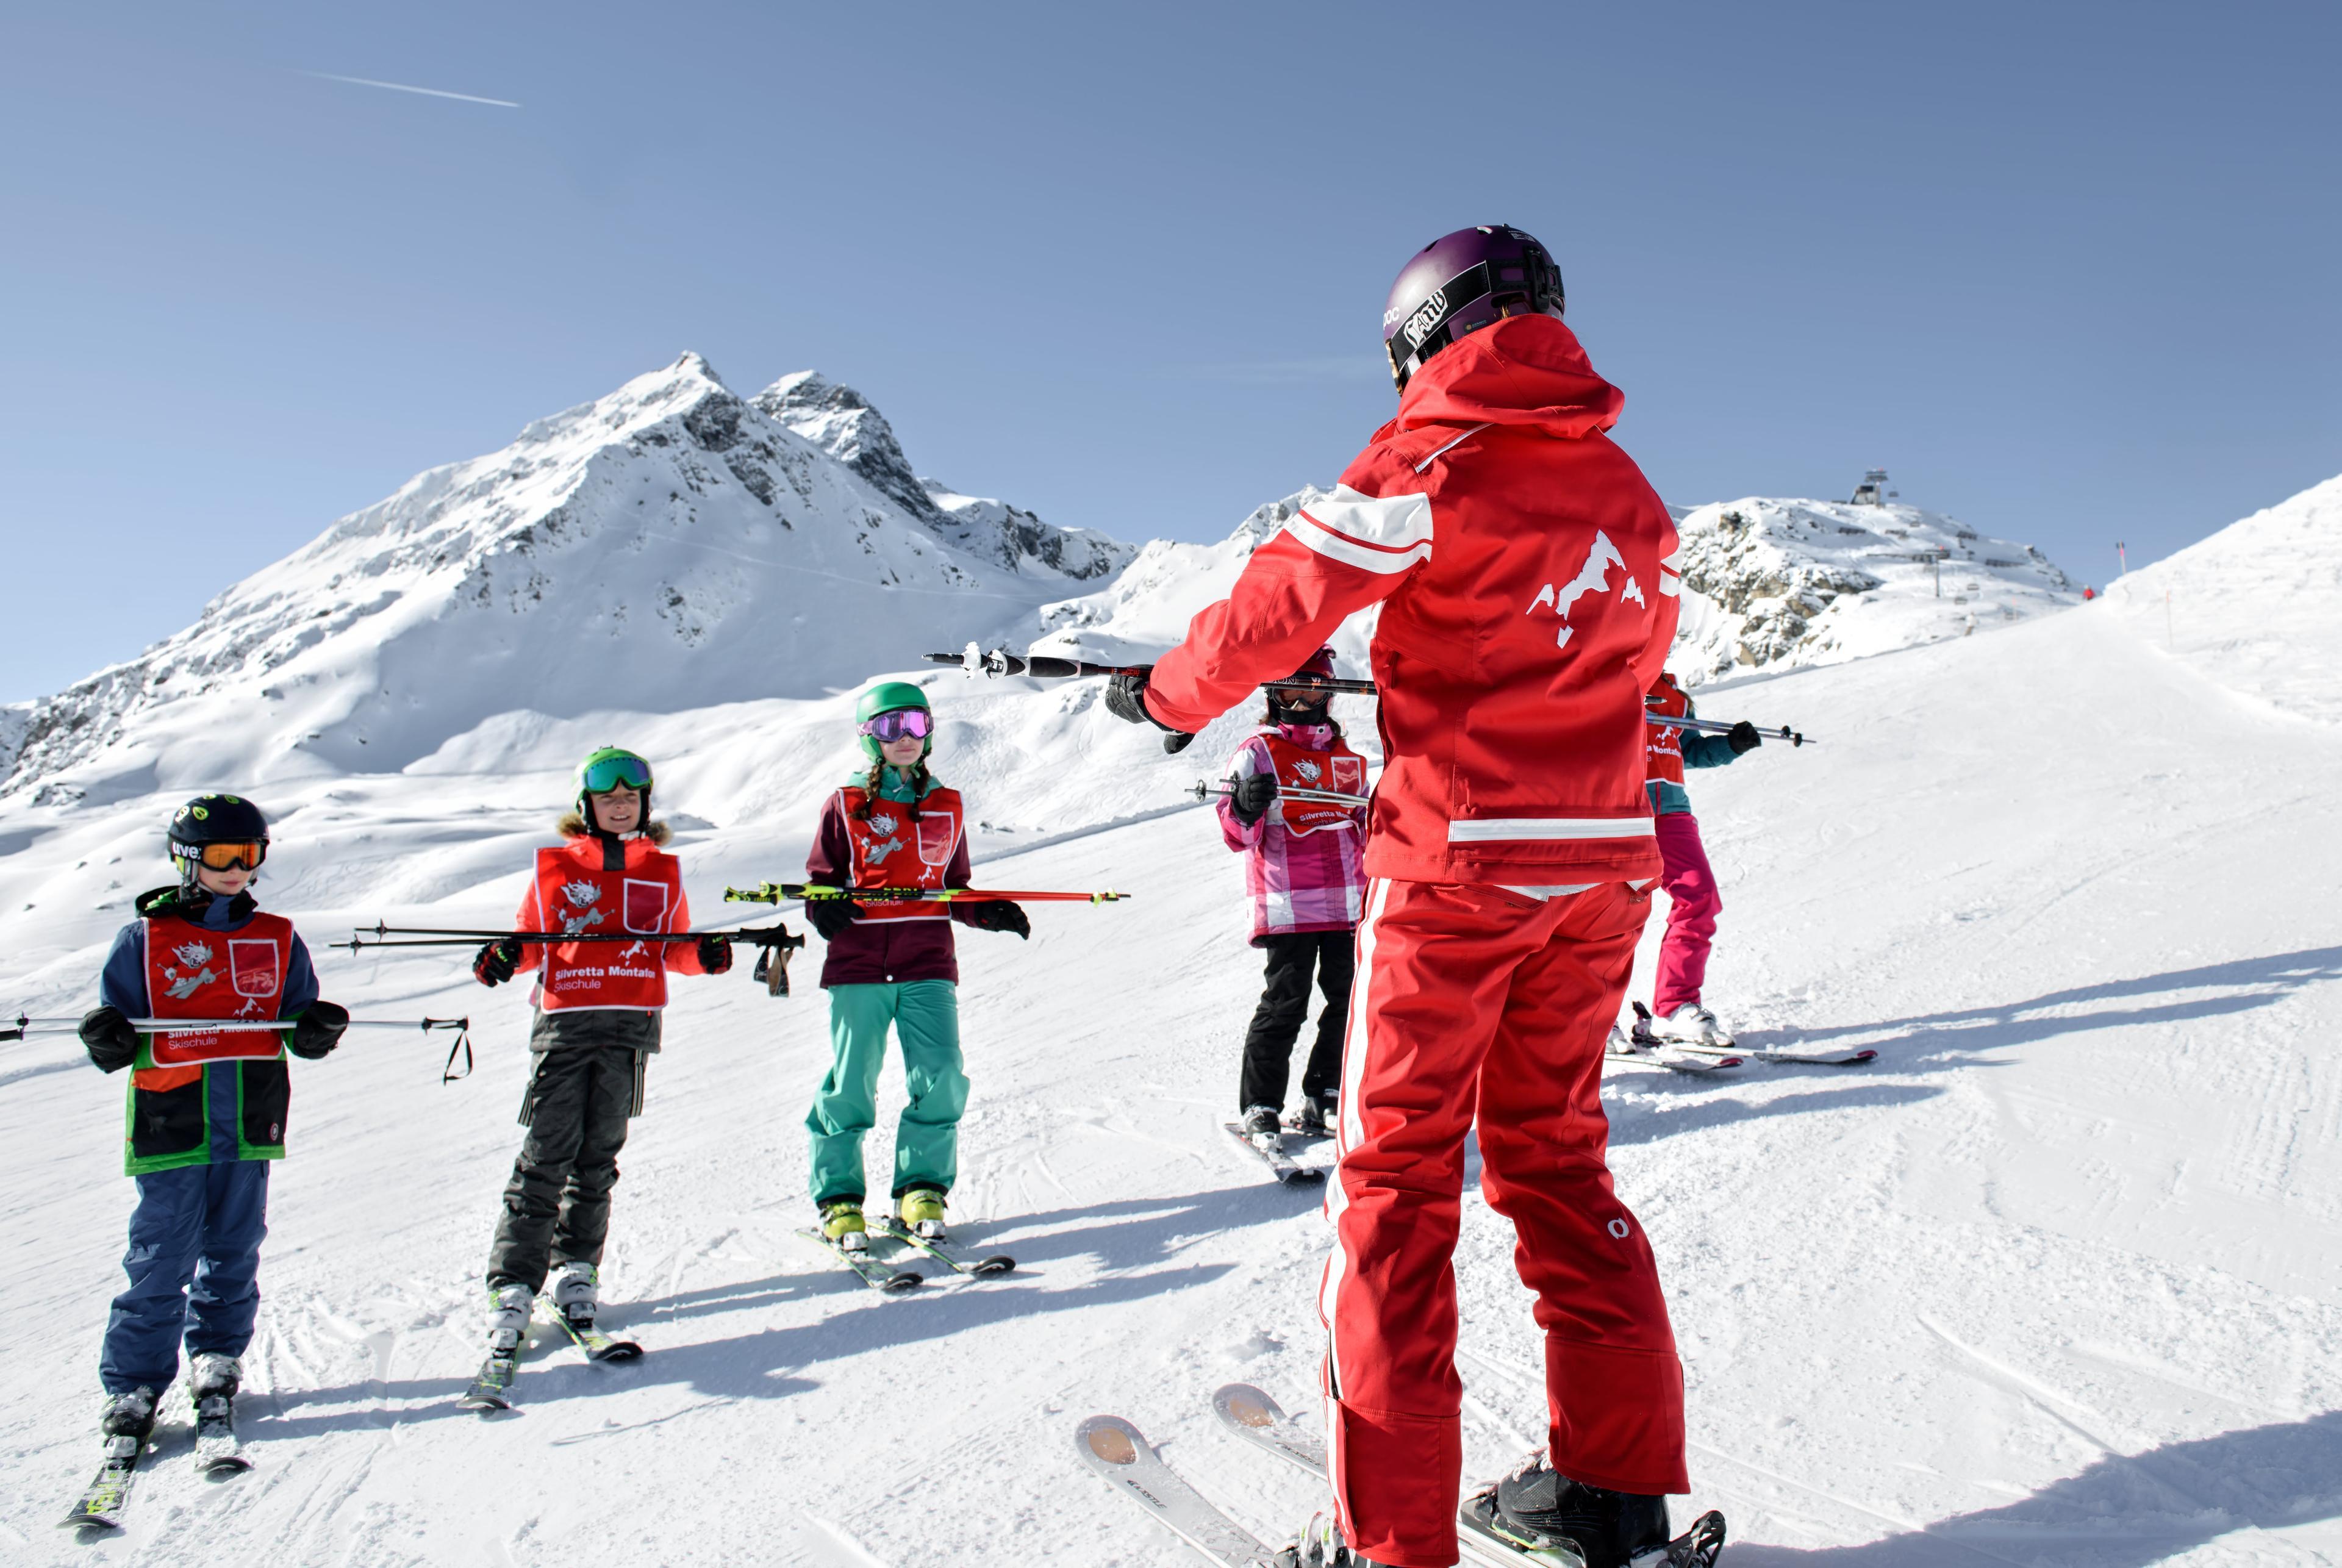 Clases de esquí para niños a partir de 5 años para todos los niveles